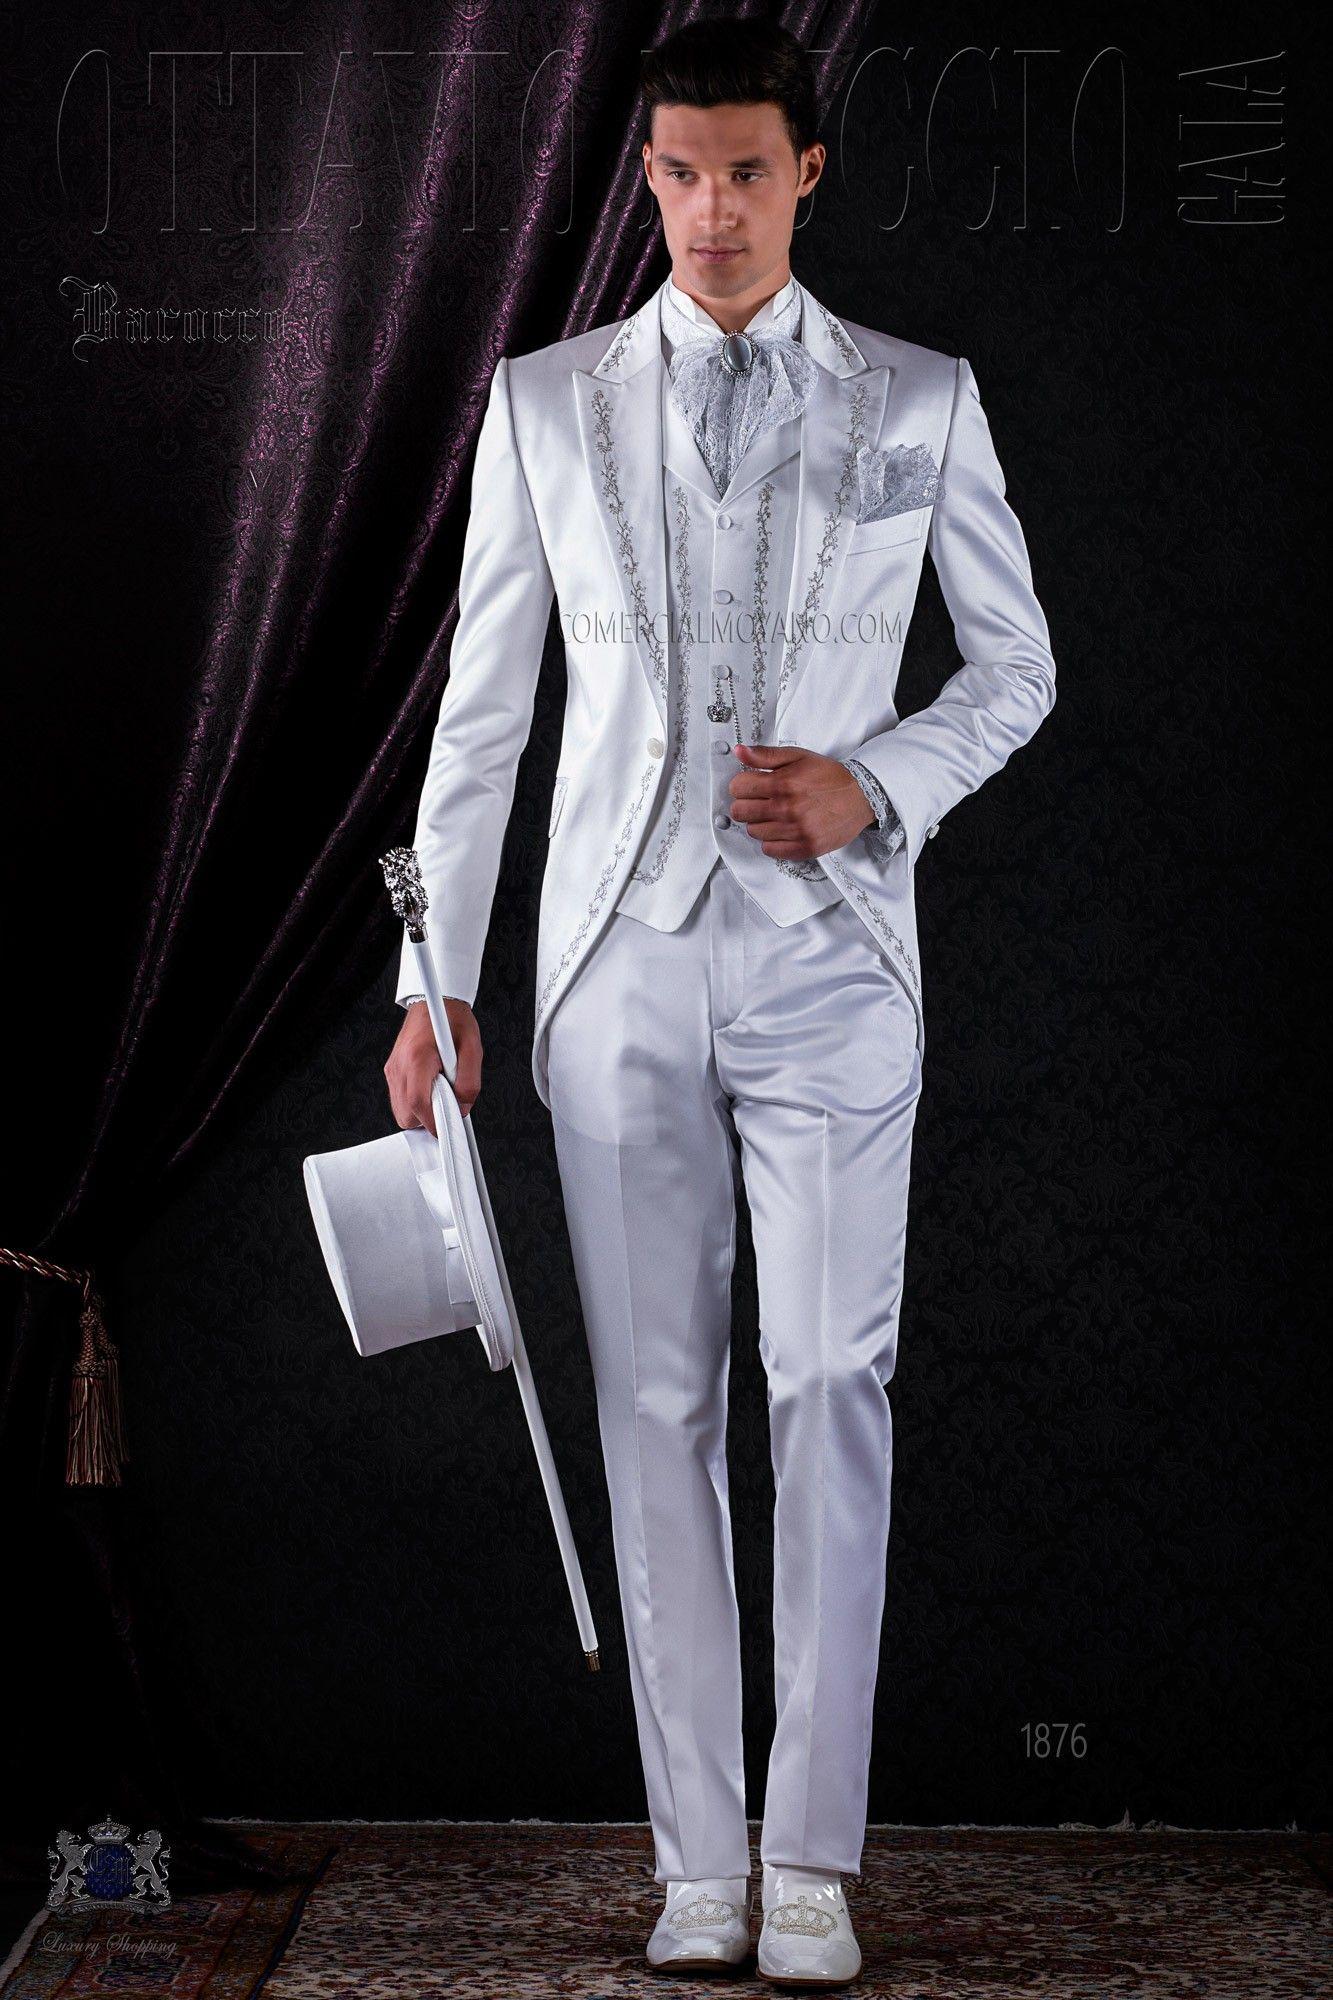 Costume baroque blanc de satin avec revers de pointe et broderie